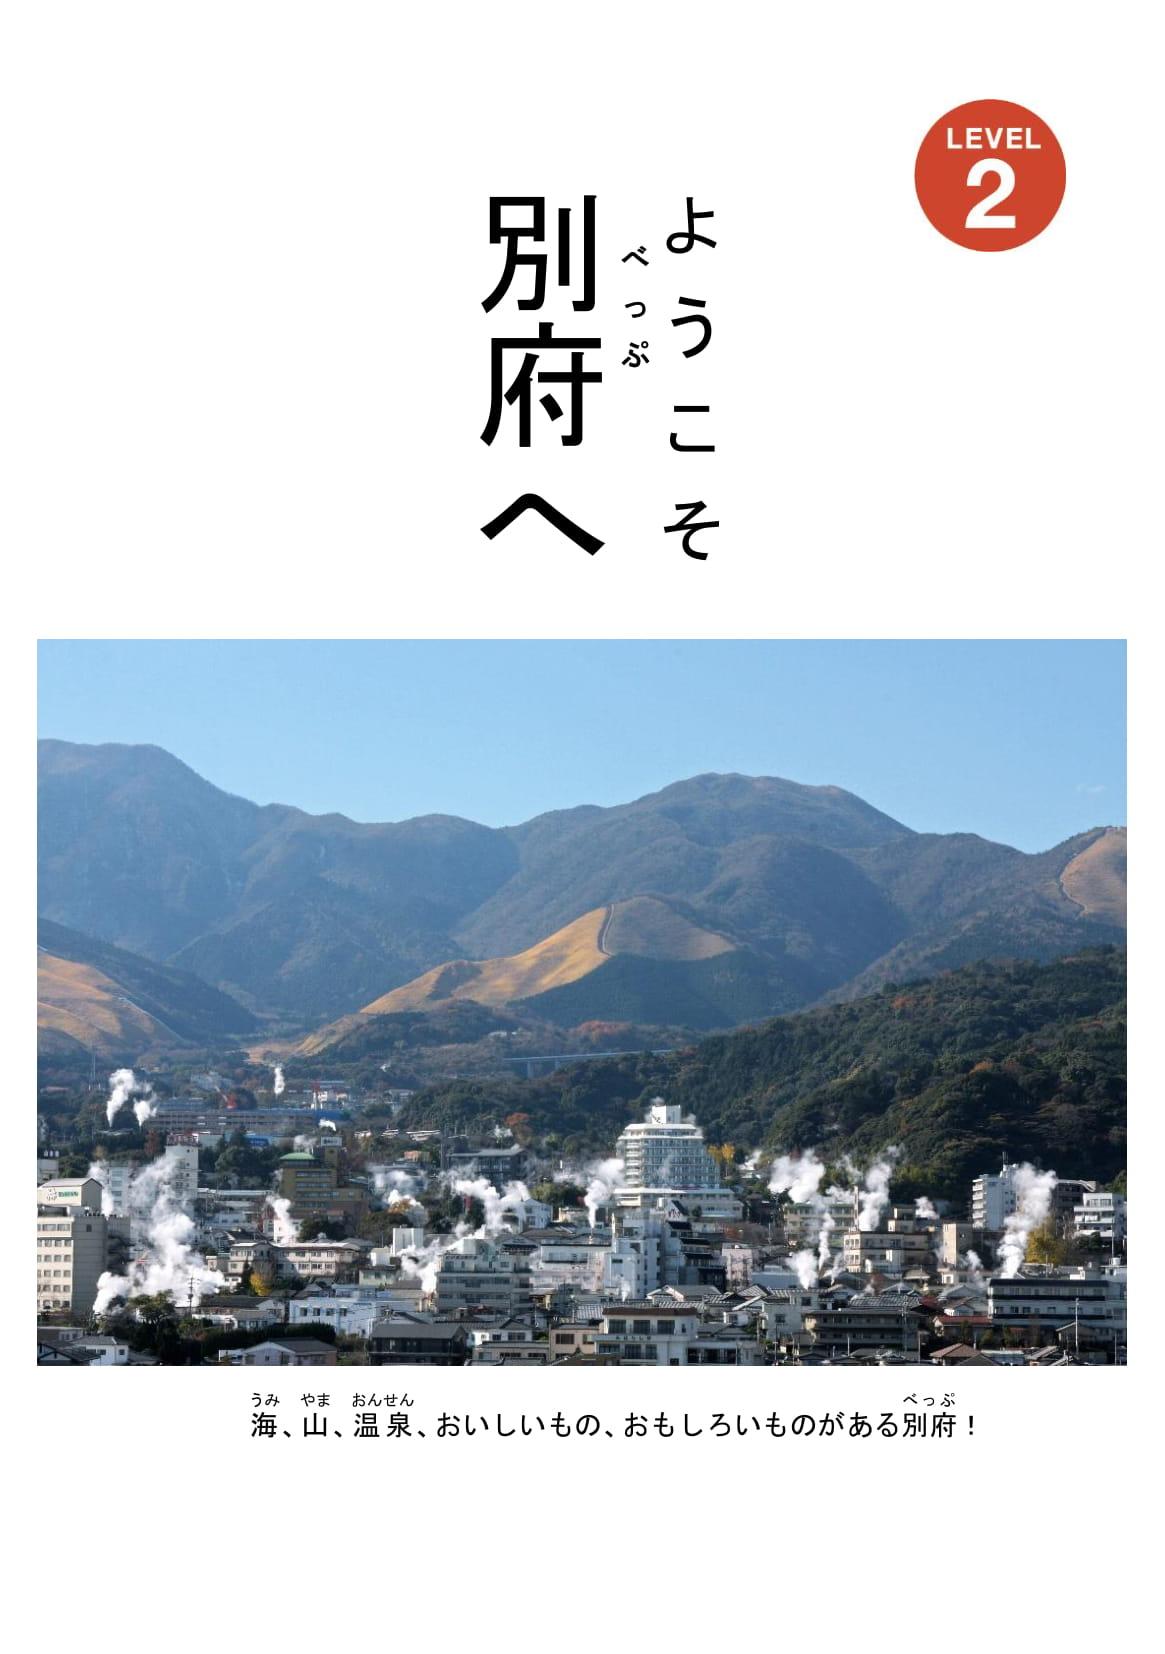 A5beppuheyokoso-hyoushi